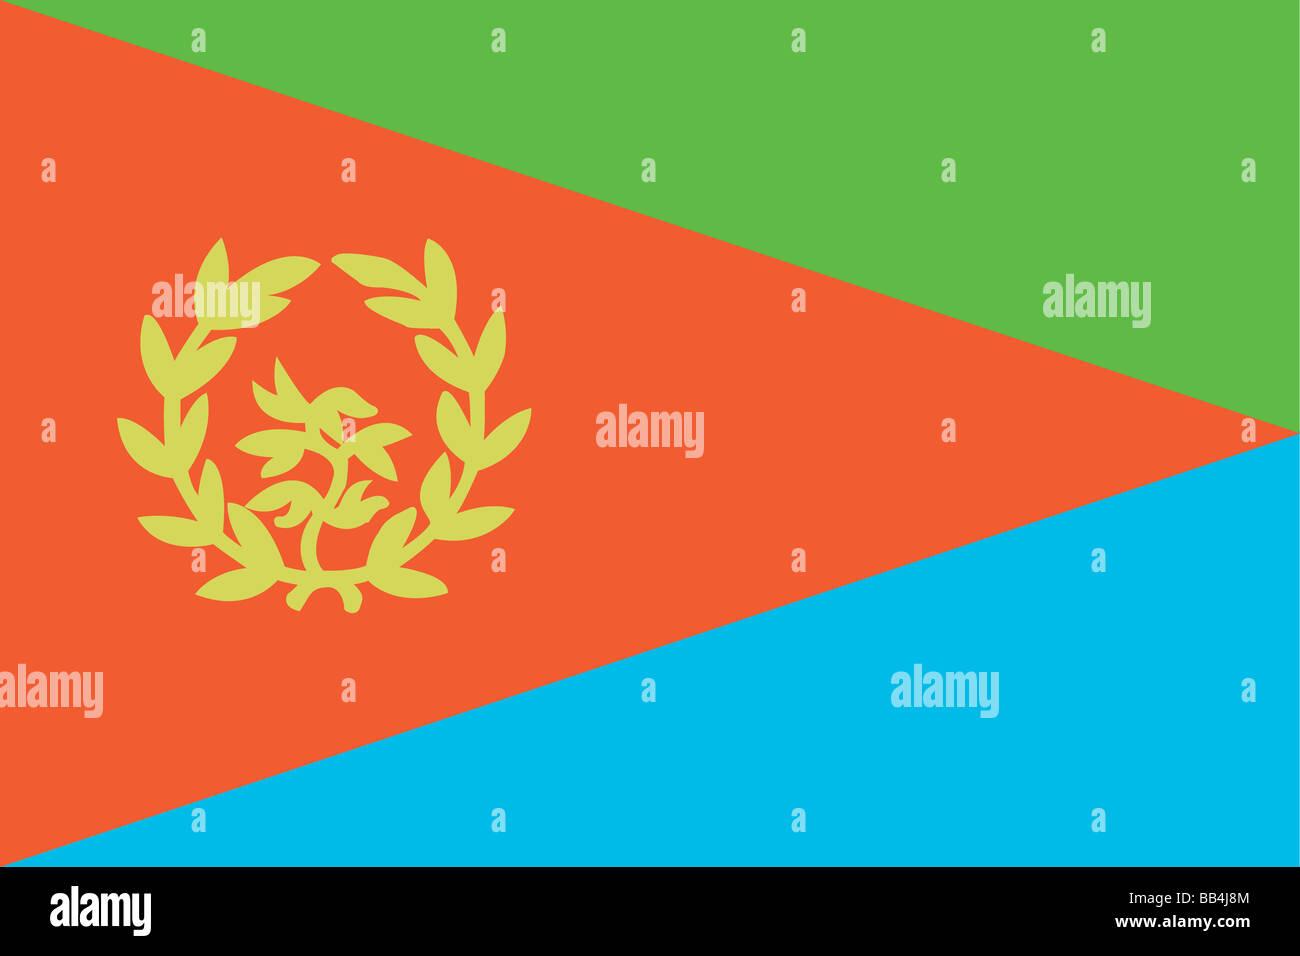 Storica bandiera di Eritrea, un Paese del Corno d Africa, dal 1993 al 1995. Immagini Stock